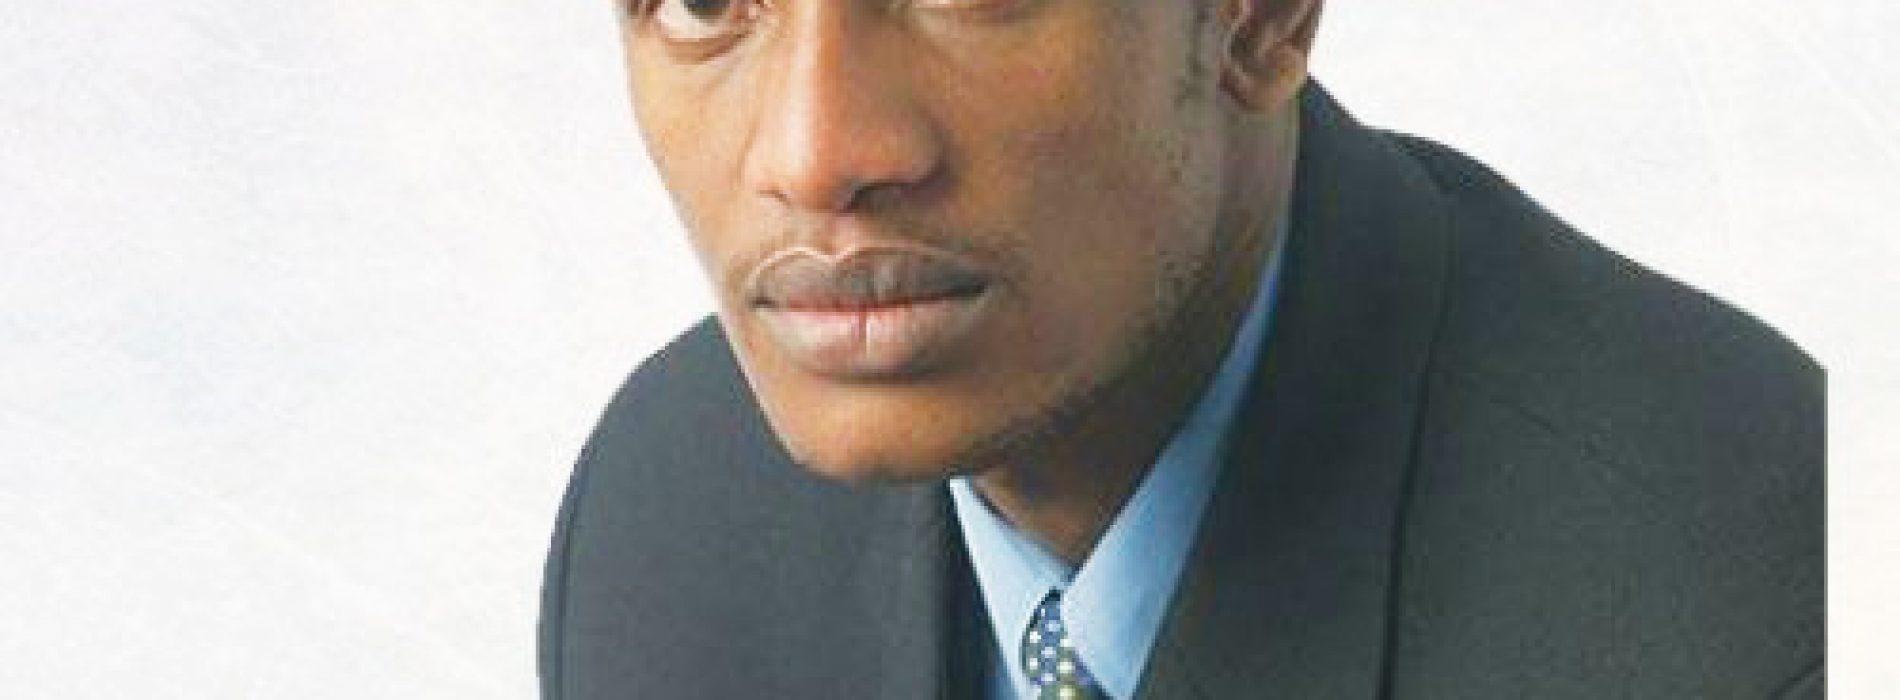 Criminal defamation law struck down